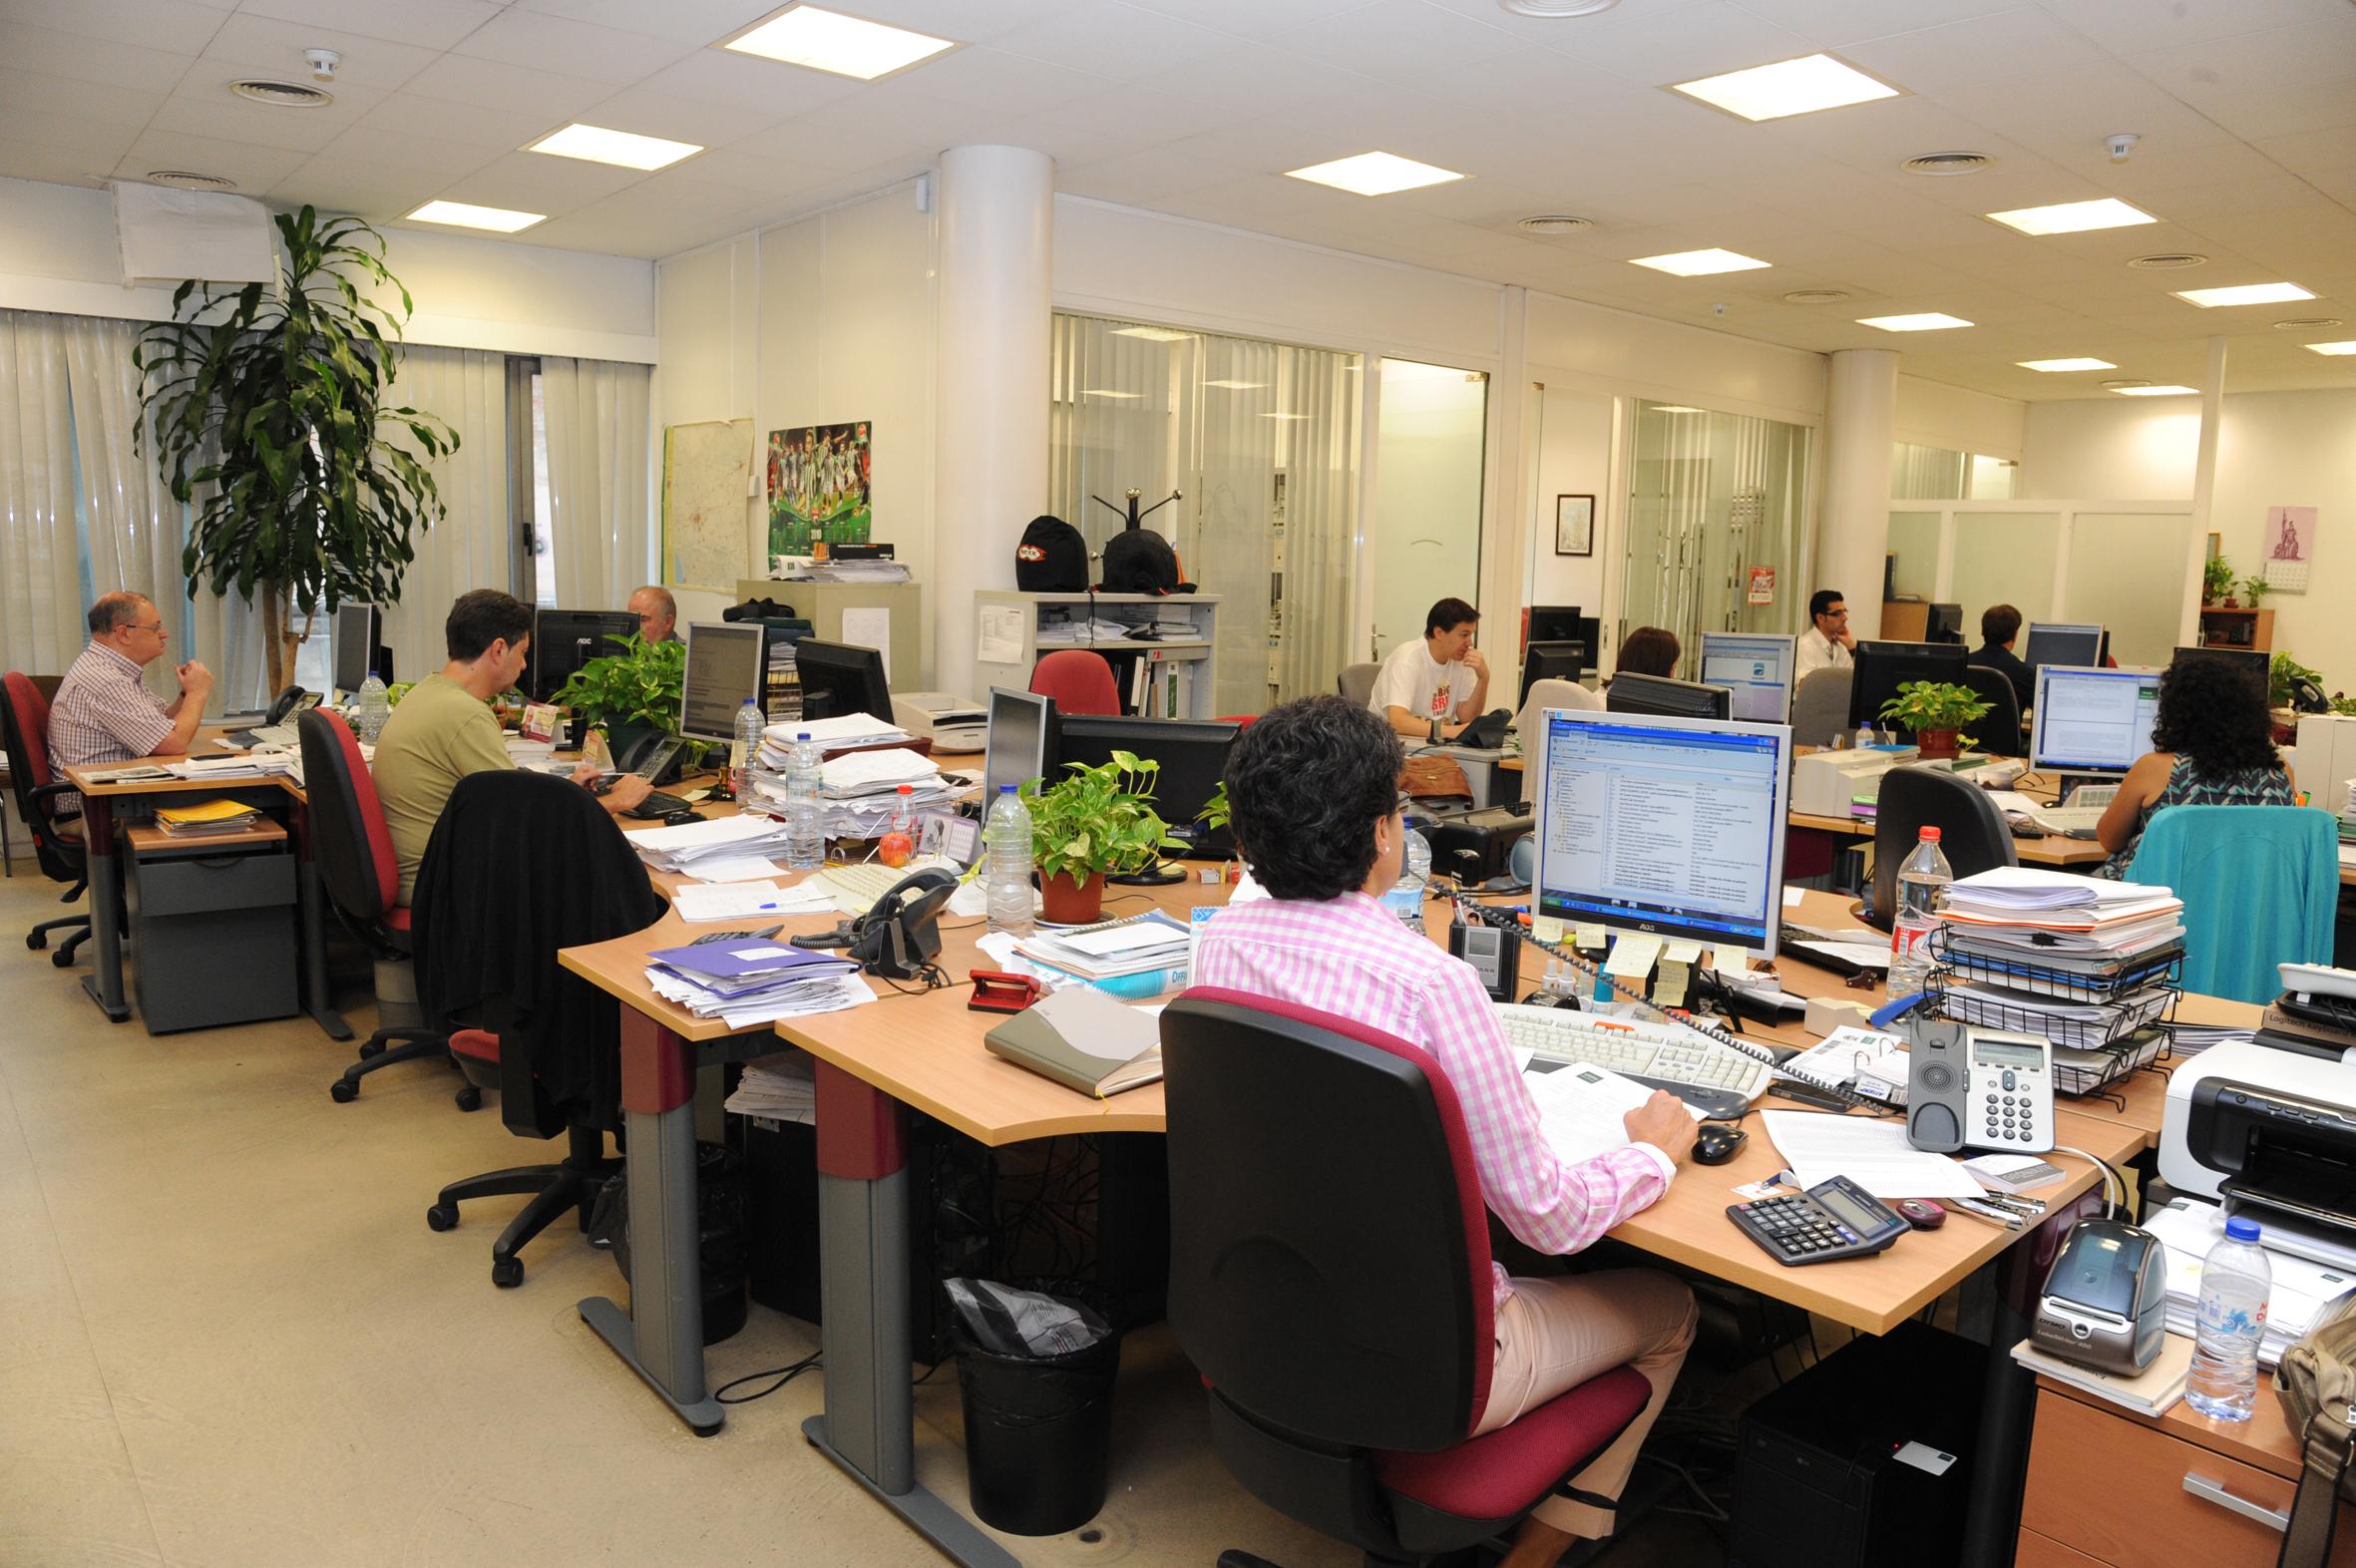 La diputaci n da un paso m s hacia la administraci n for Oficina virtual sevilla